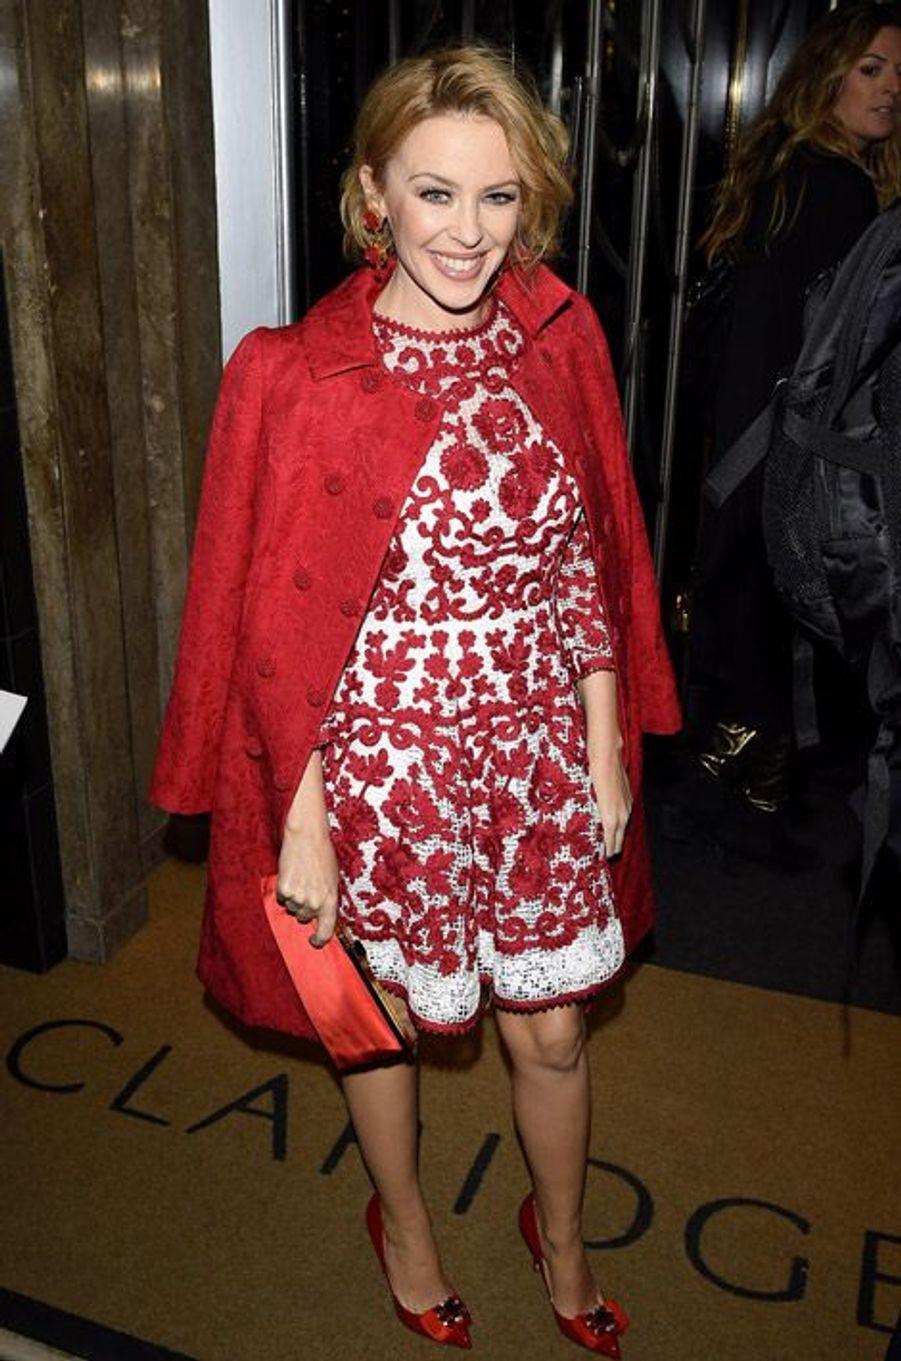 La chanteuse australienne Kylie Minogue en Dolce & Gabbana inaugure le sapin de Noël du grand magasin Claridges à Londres, le 19 novembre 2014